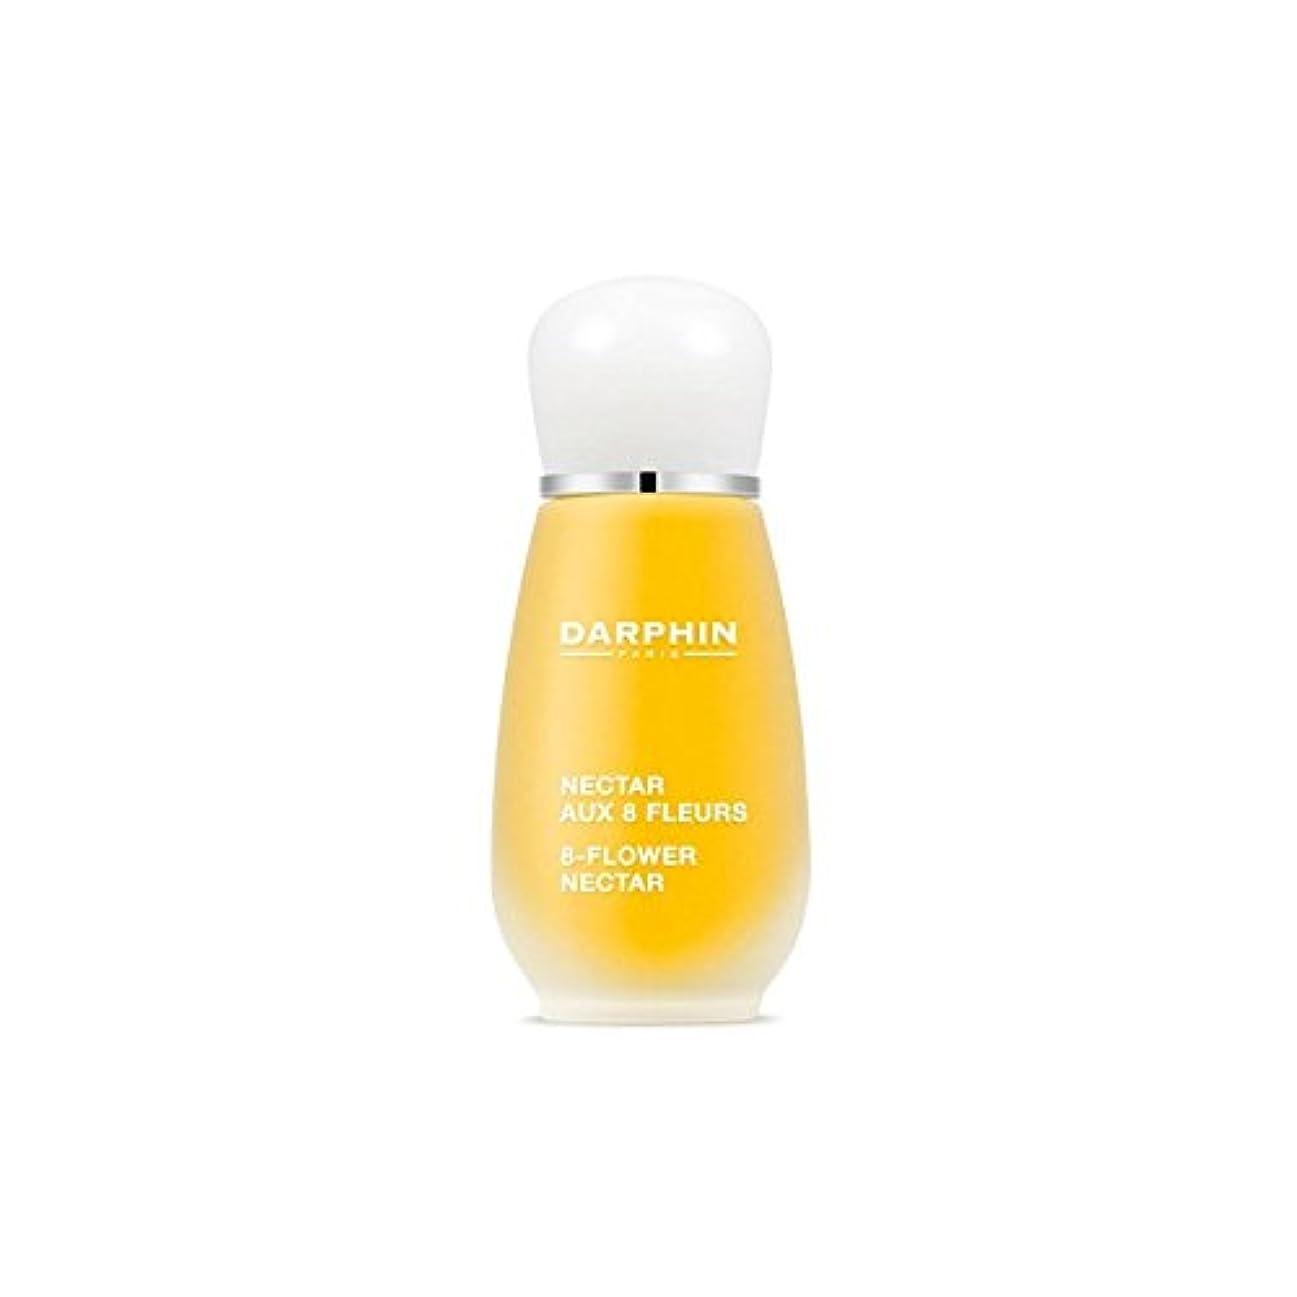 みすぼらしいアイデア体操選手Darphin 8-Flower Nectar Aromatic Dry Oil (15ml) - 8の花の蜜をダルファン芳香乾性油(15ミリリットル) [並行輸入品]